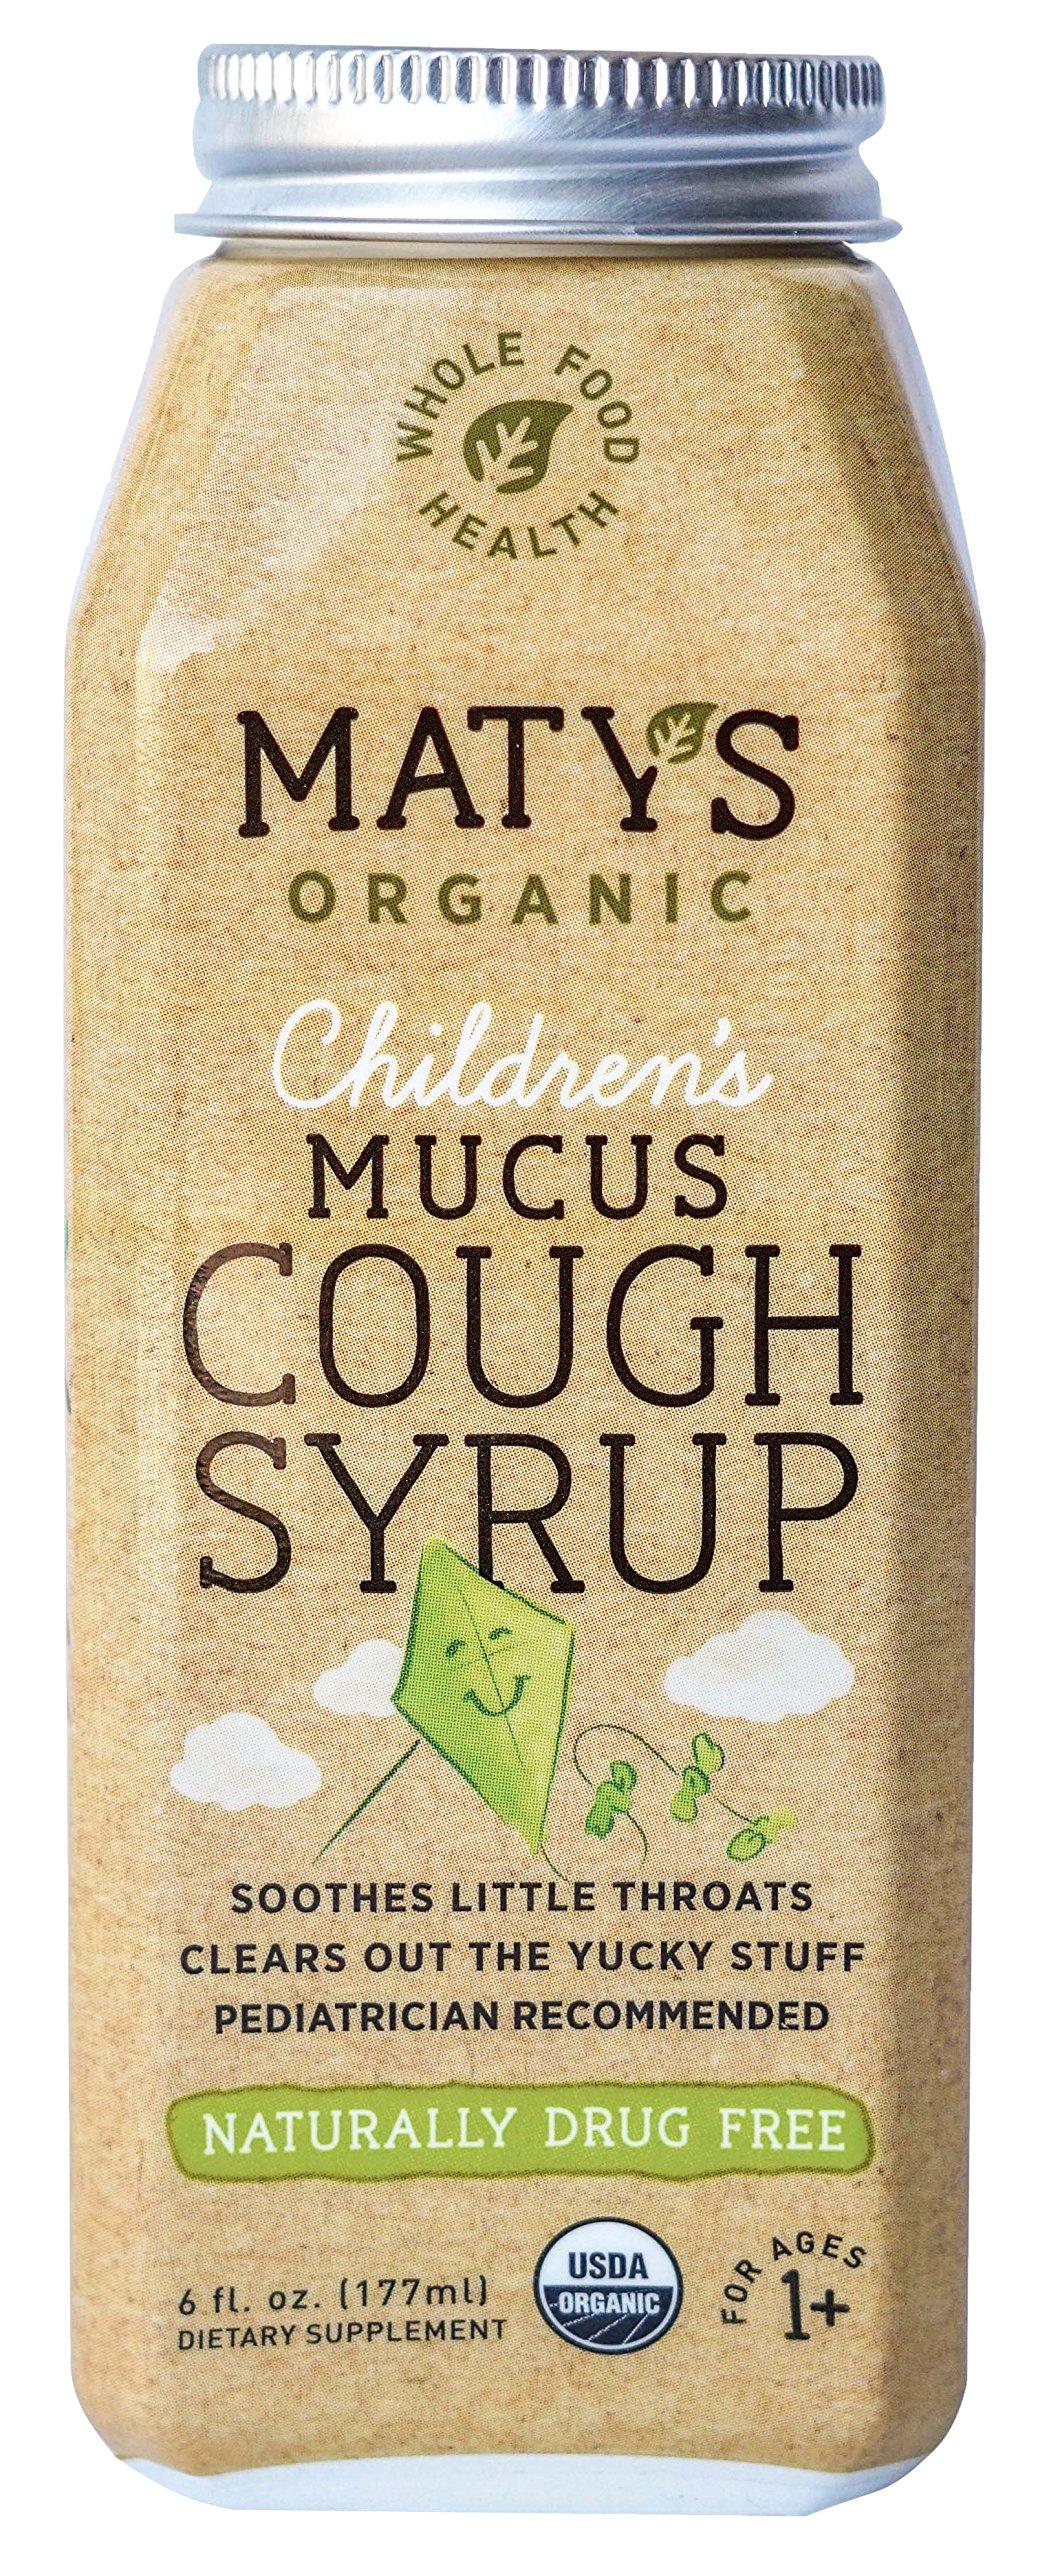 Matys Organic Children's Mucus Cough Syrup, 6 Fluid Ounce